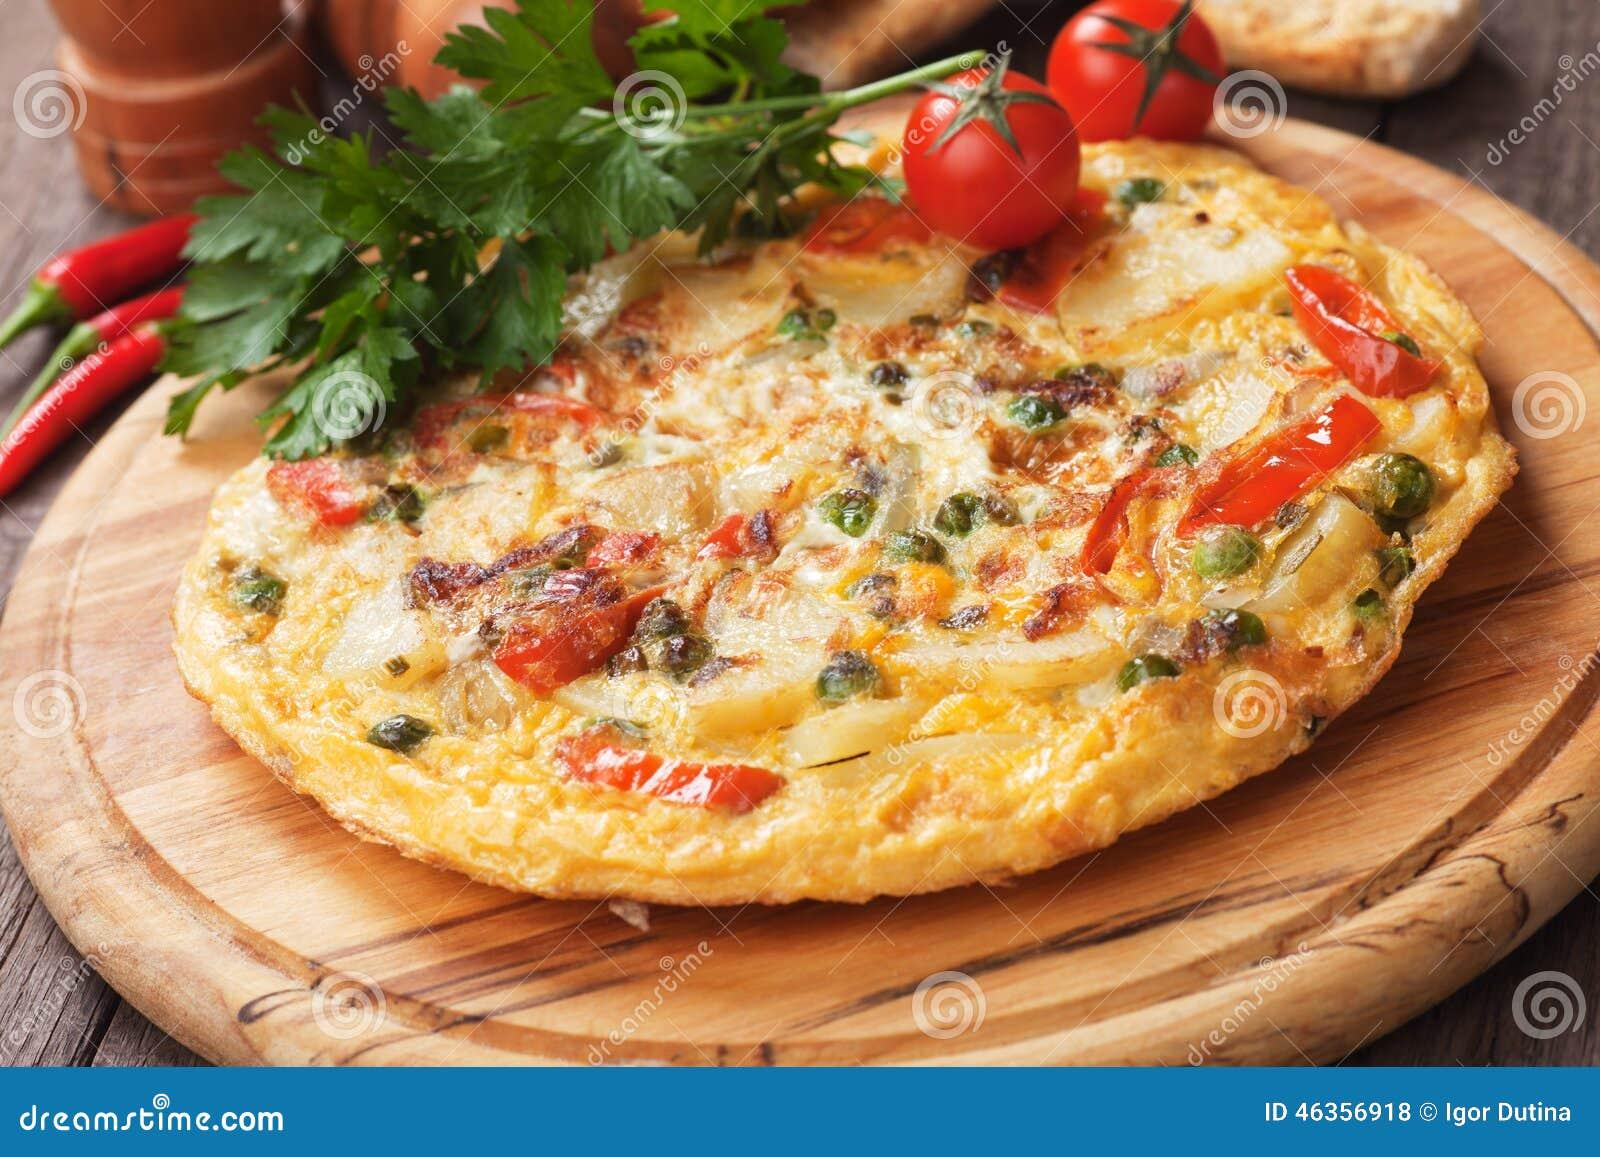 tortilla omelette espagnole avec la pomme de terre et l gumes photo stock image 46356918. Black Bedroom Furniture Sets. Home Design Ideas